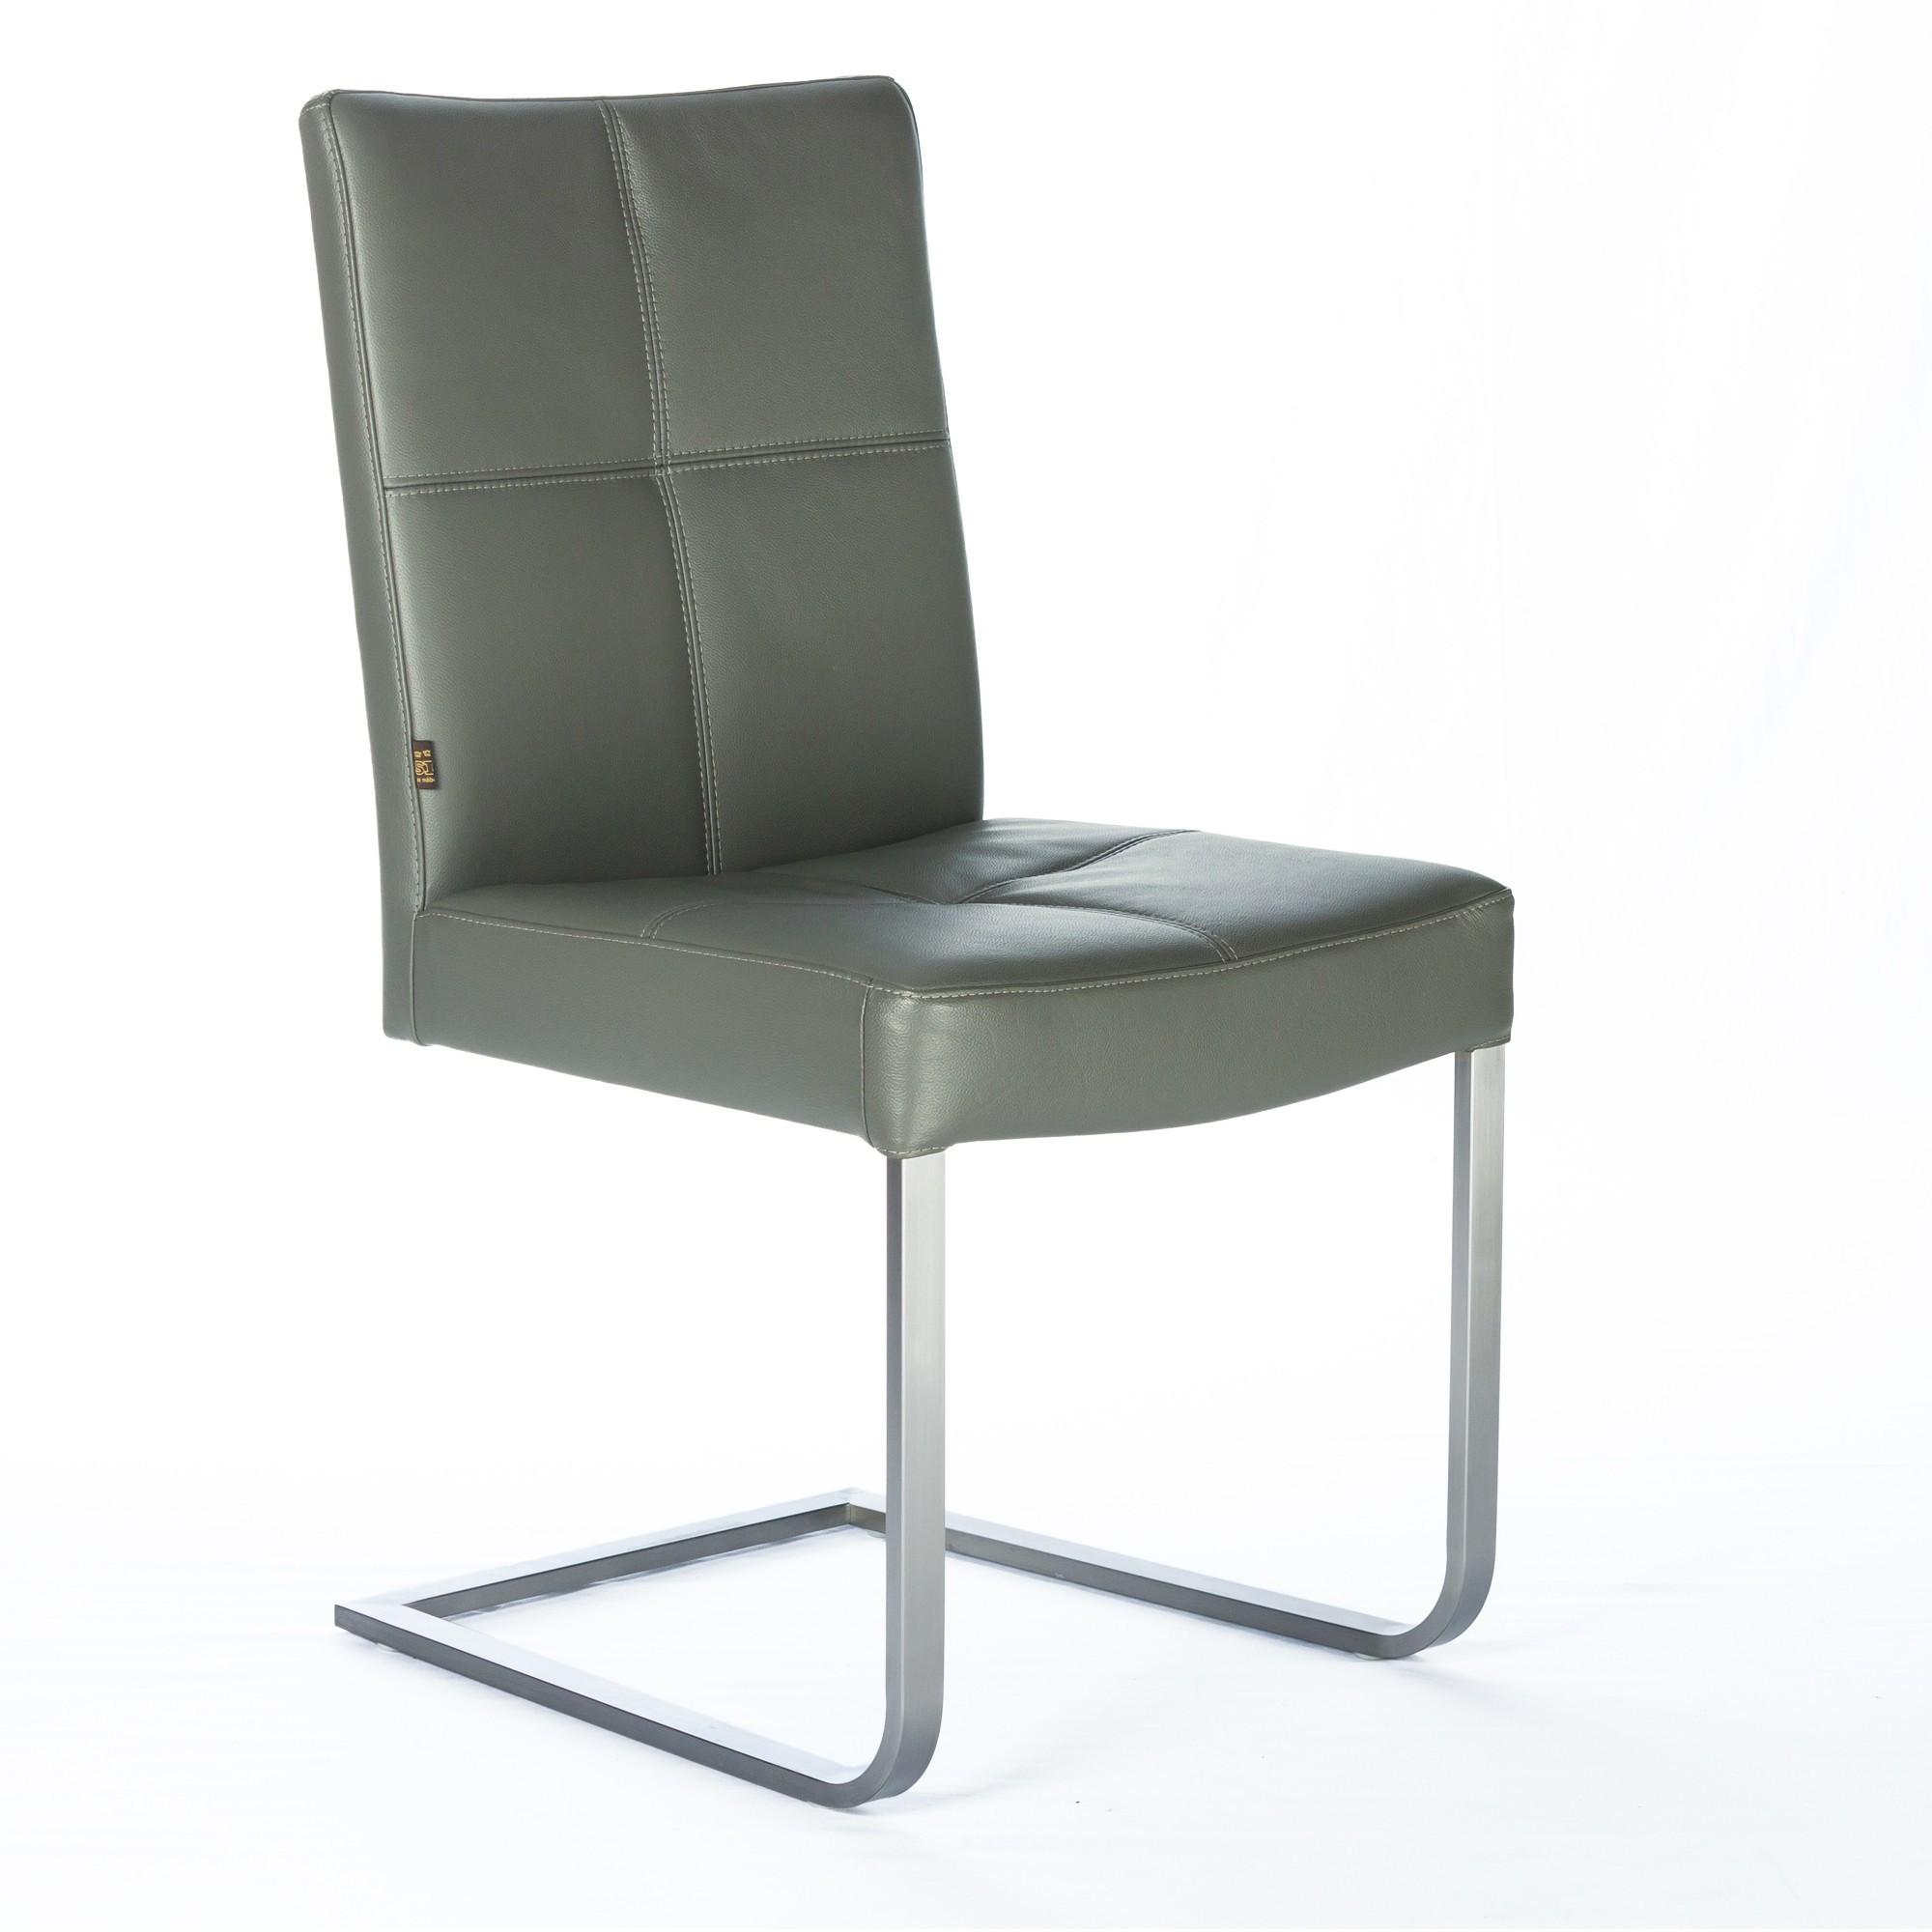 freischwinger lederstuhl libero rindsleder grau edelstahl. Black Bedroom Furniture Sets. Home Design Ideas